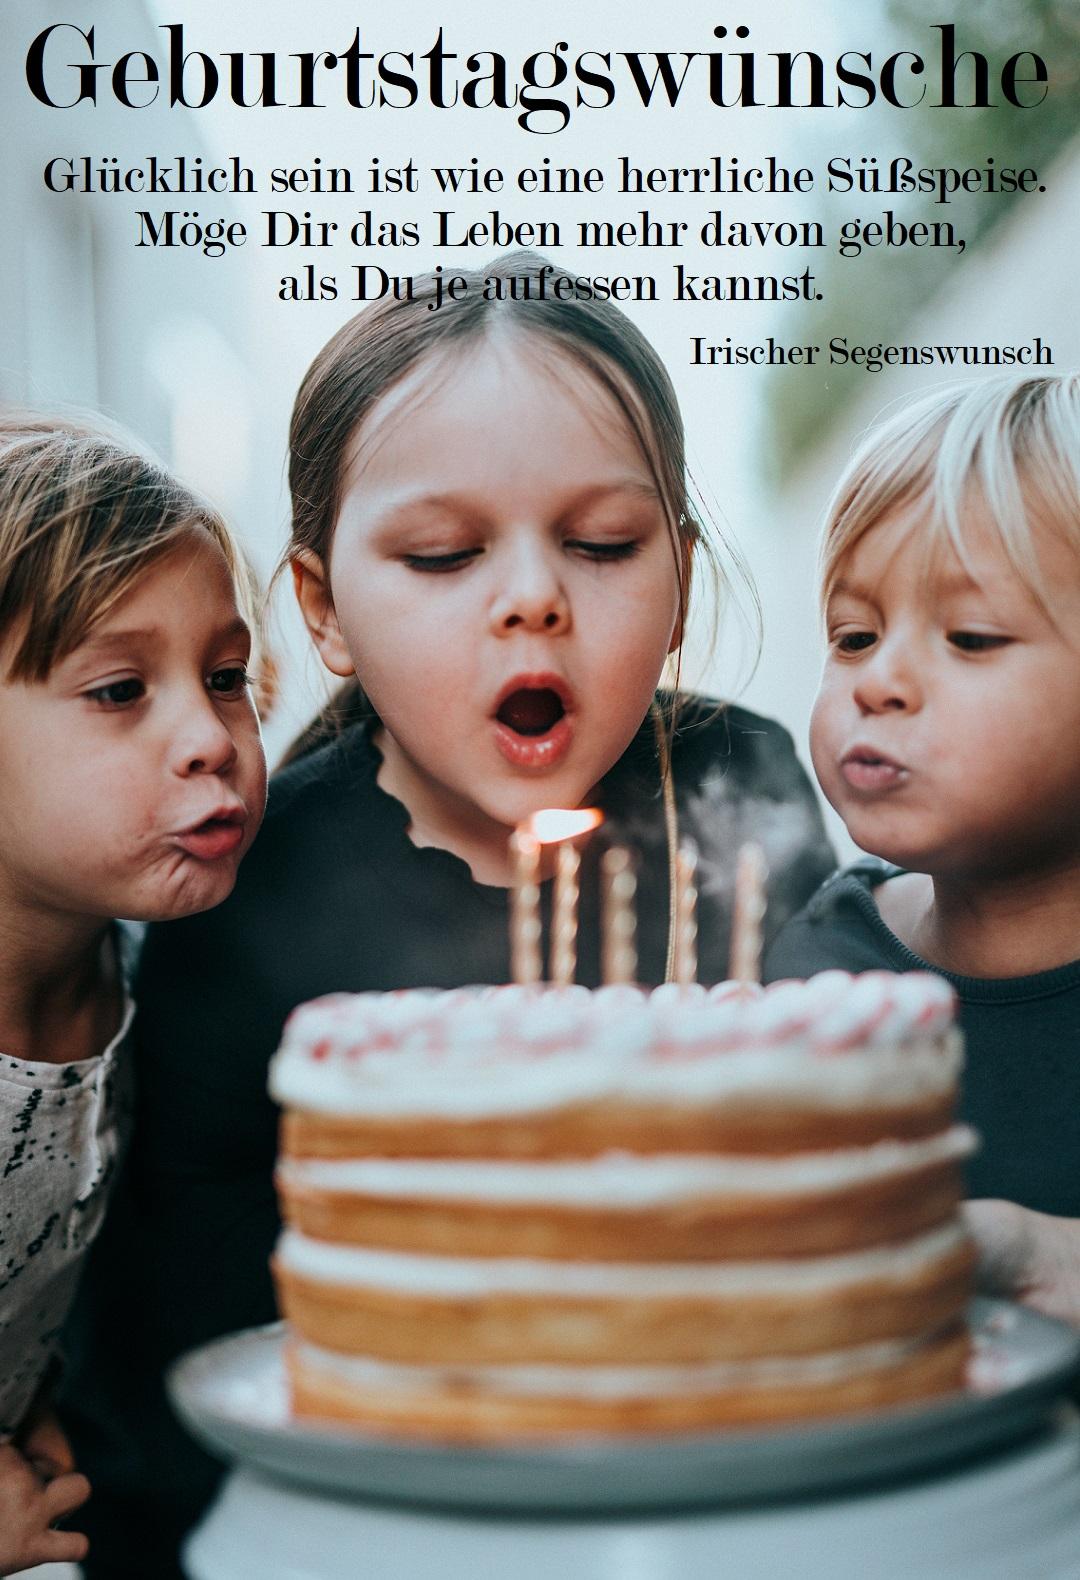 Jahre 2 geburtstagswünsche für Geburtstagssprüche passend